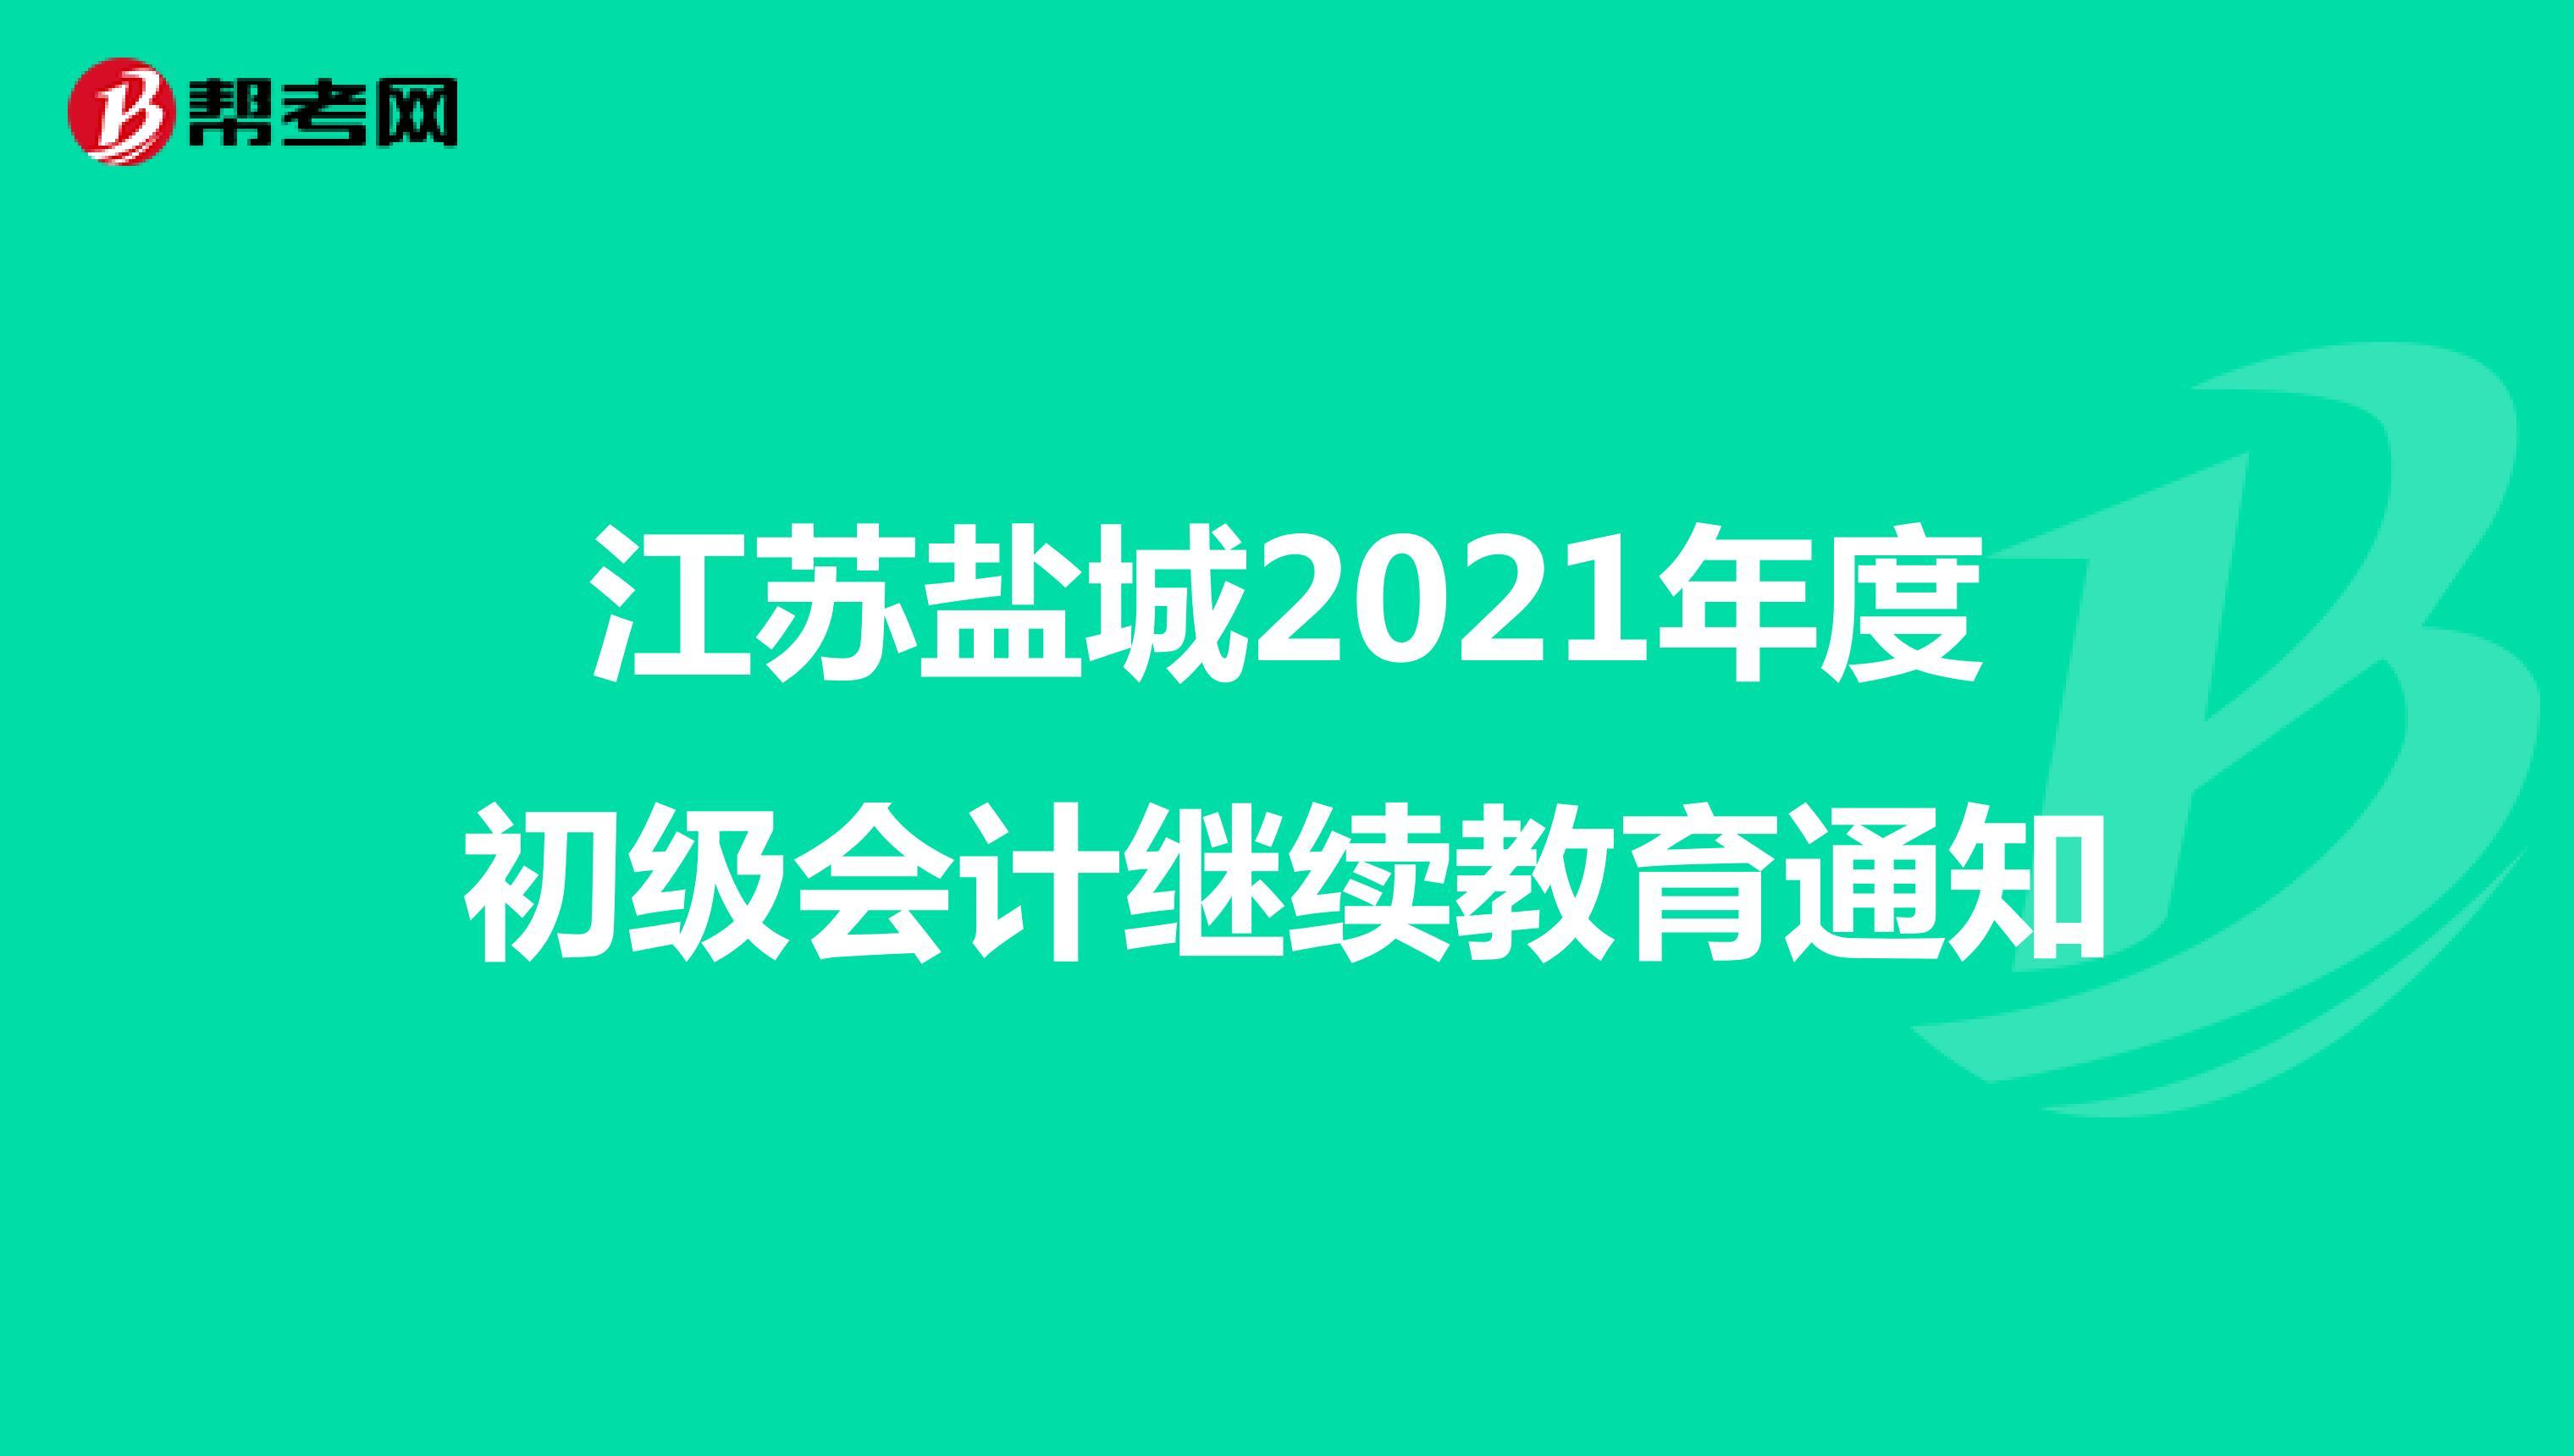 江苏盐城2021年度初级会计继续教育通知